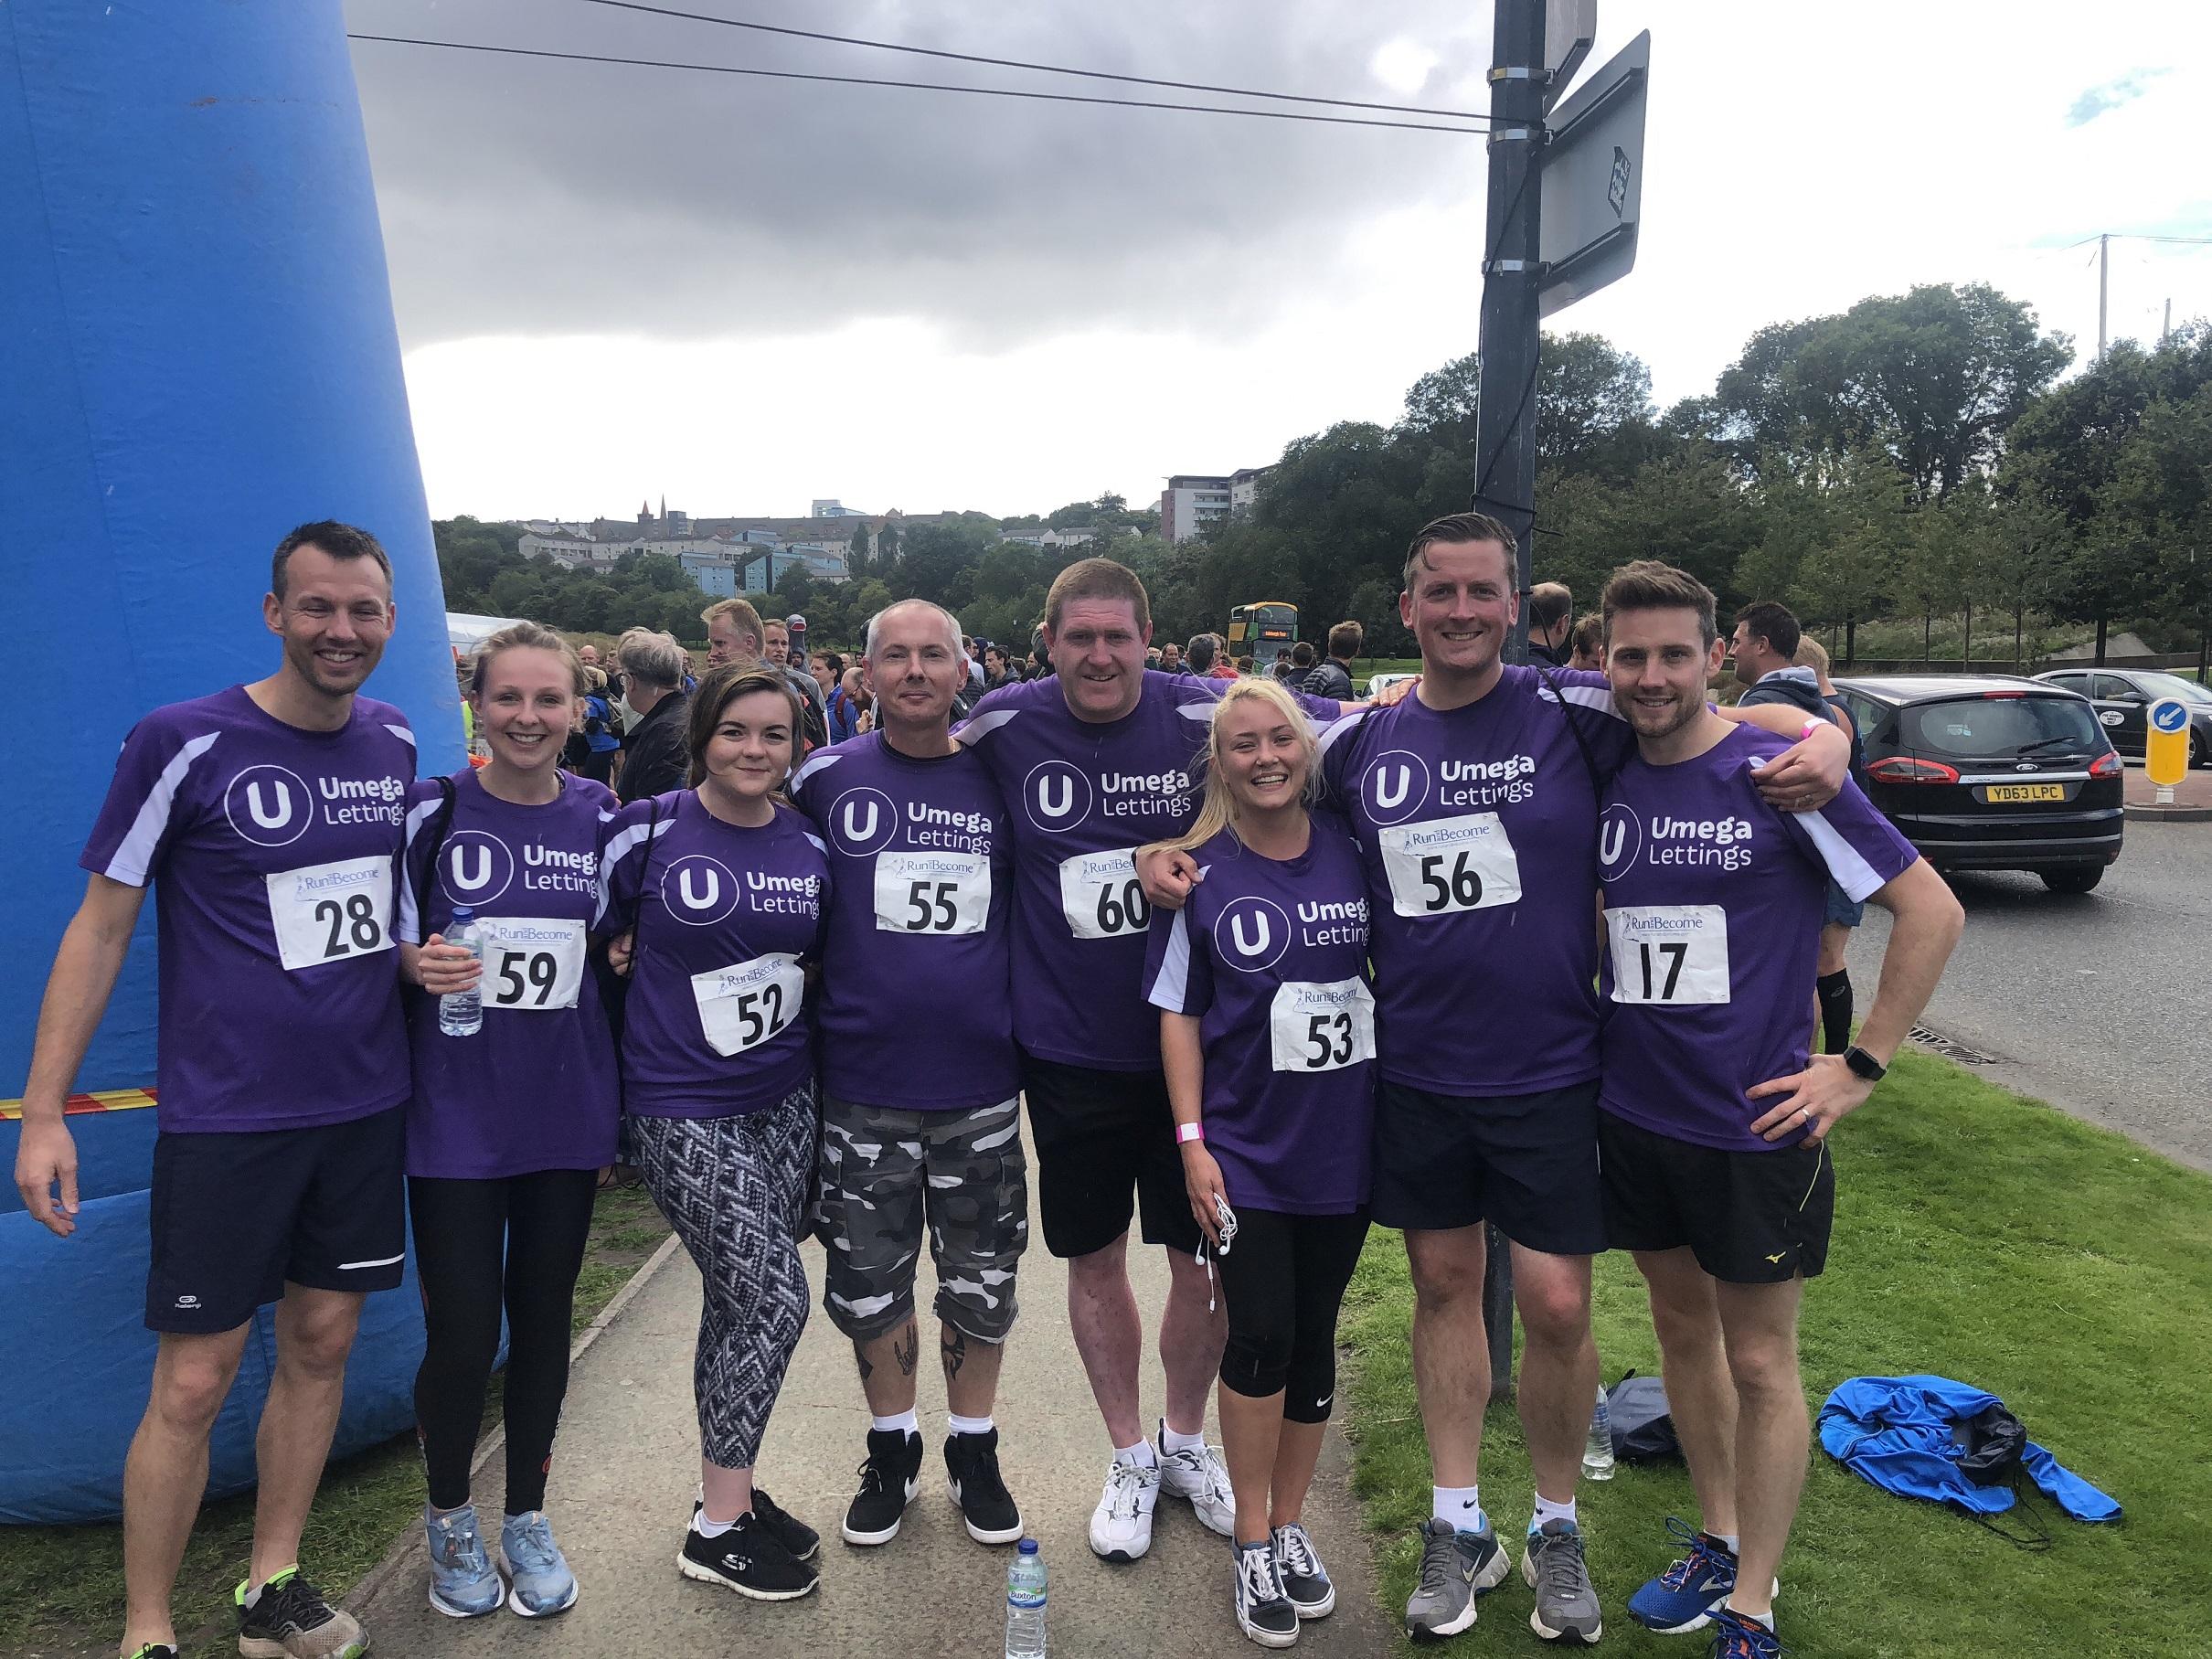 Umega Charity 5k Race - Edinburgh!